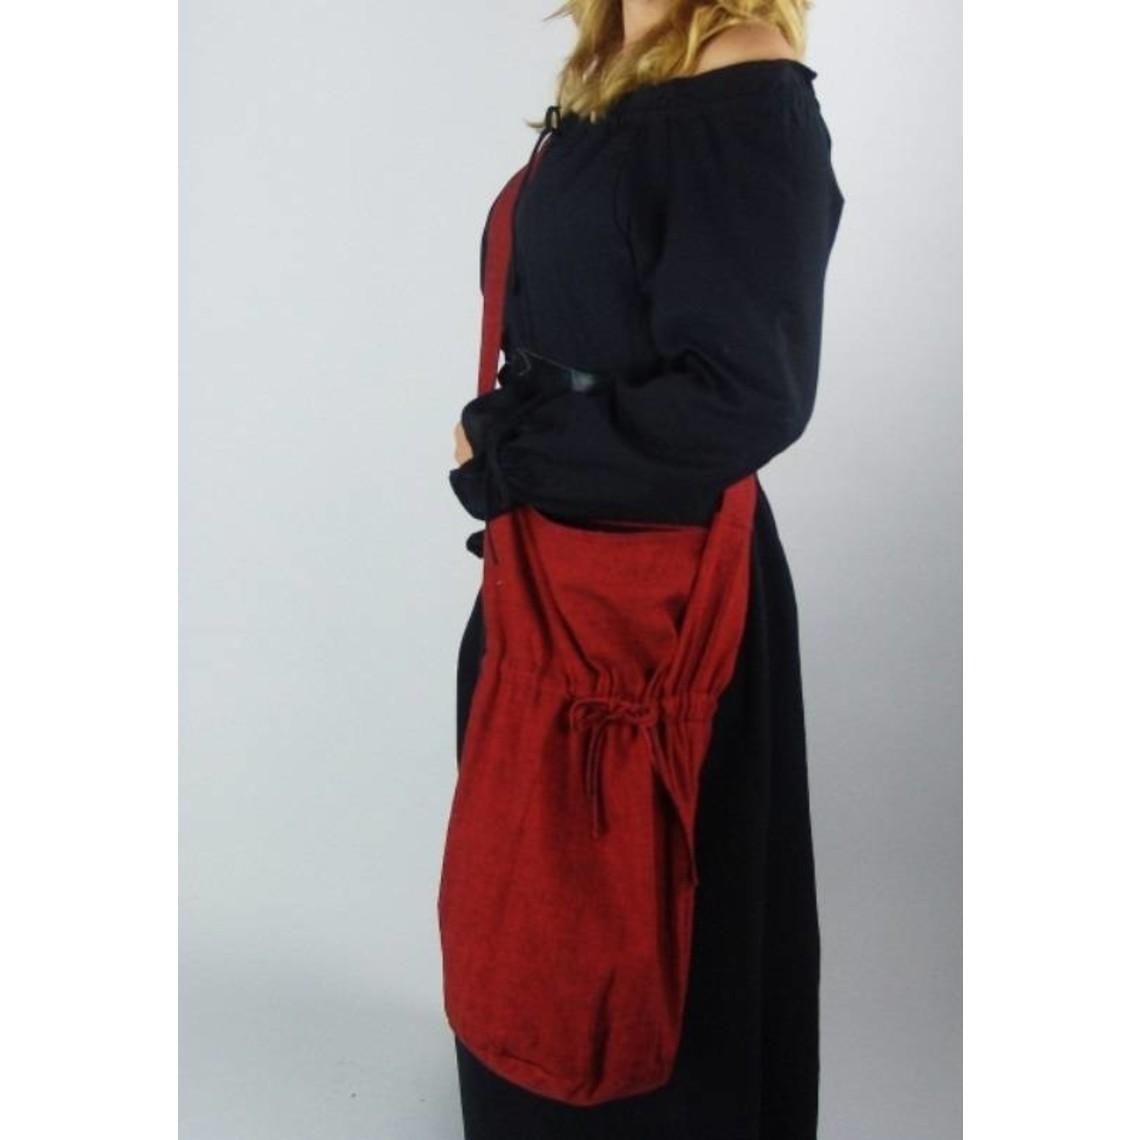 Leonardo Carbone Textile shoulder bag, red